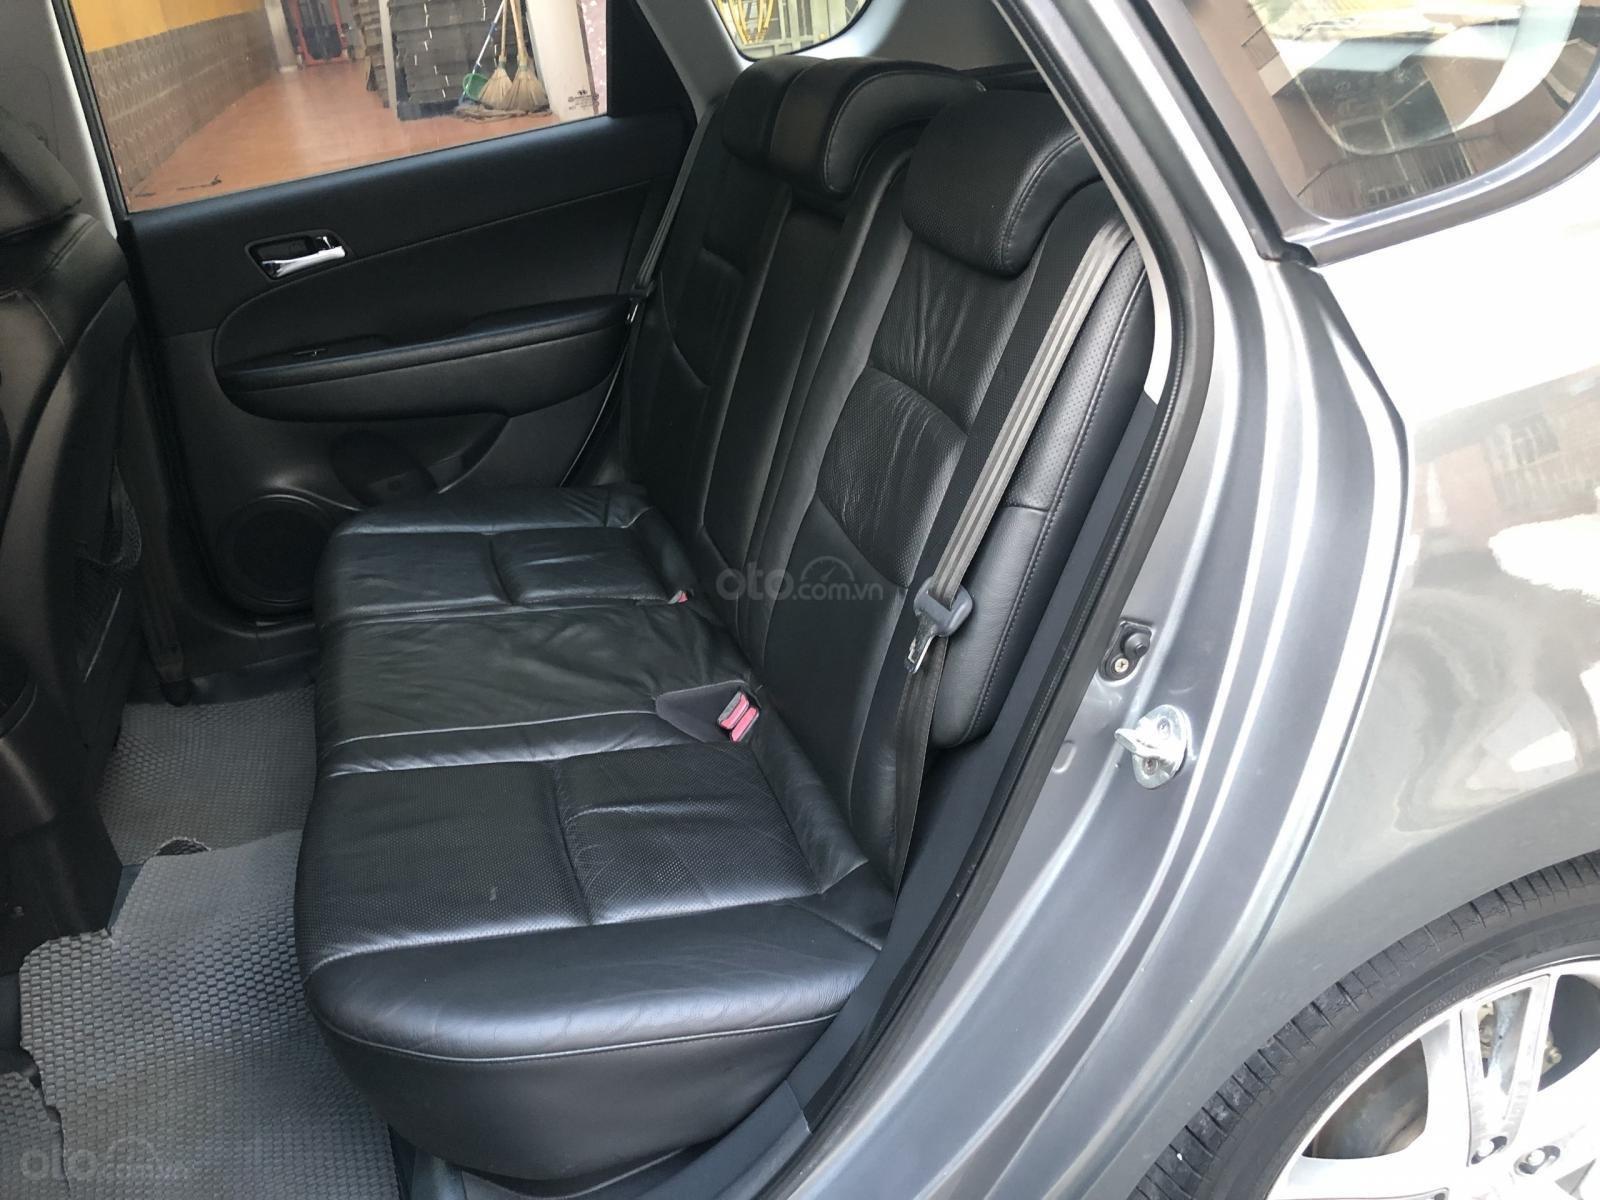 Gia Hưng Auto bán xe Hyundai I30 CW sản xuất 2009, NK Hàn Quốc, xe đẹp máy zin (9)